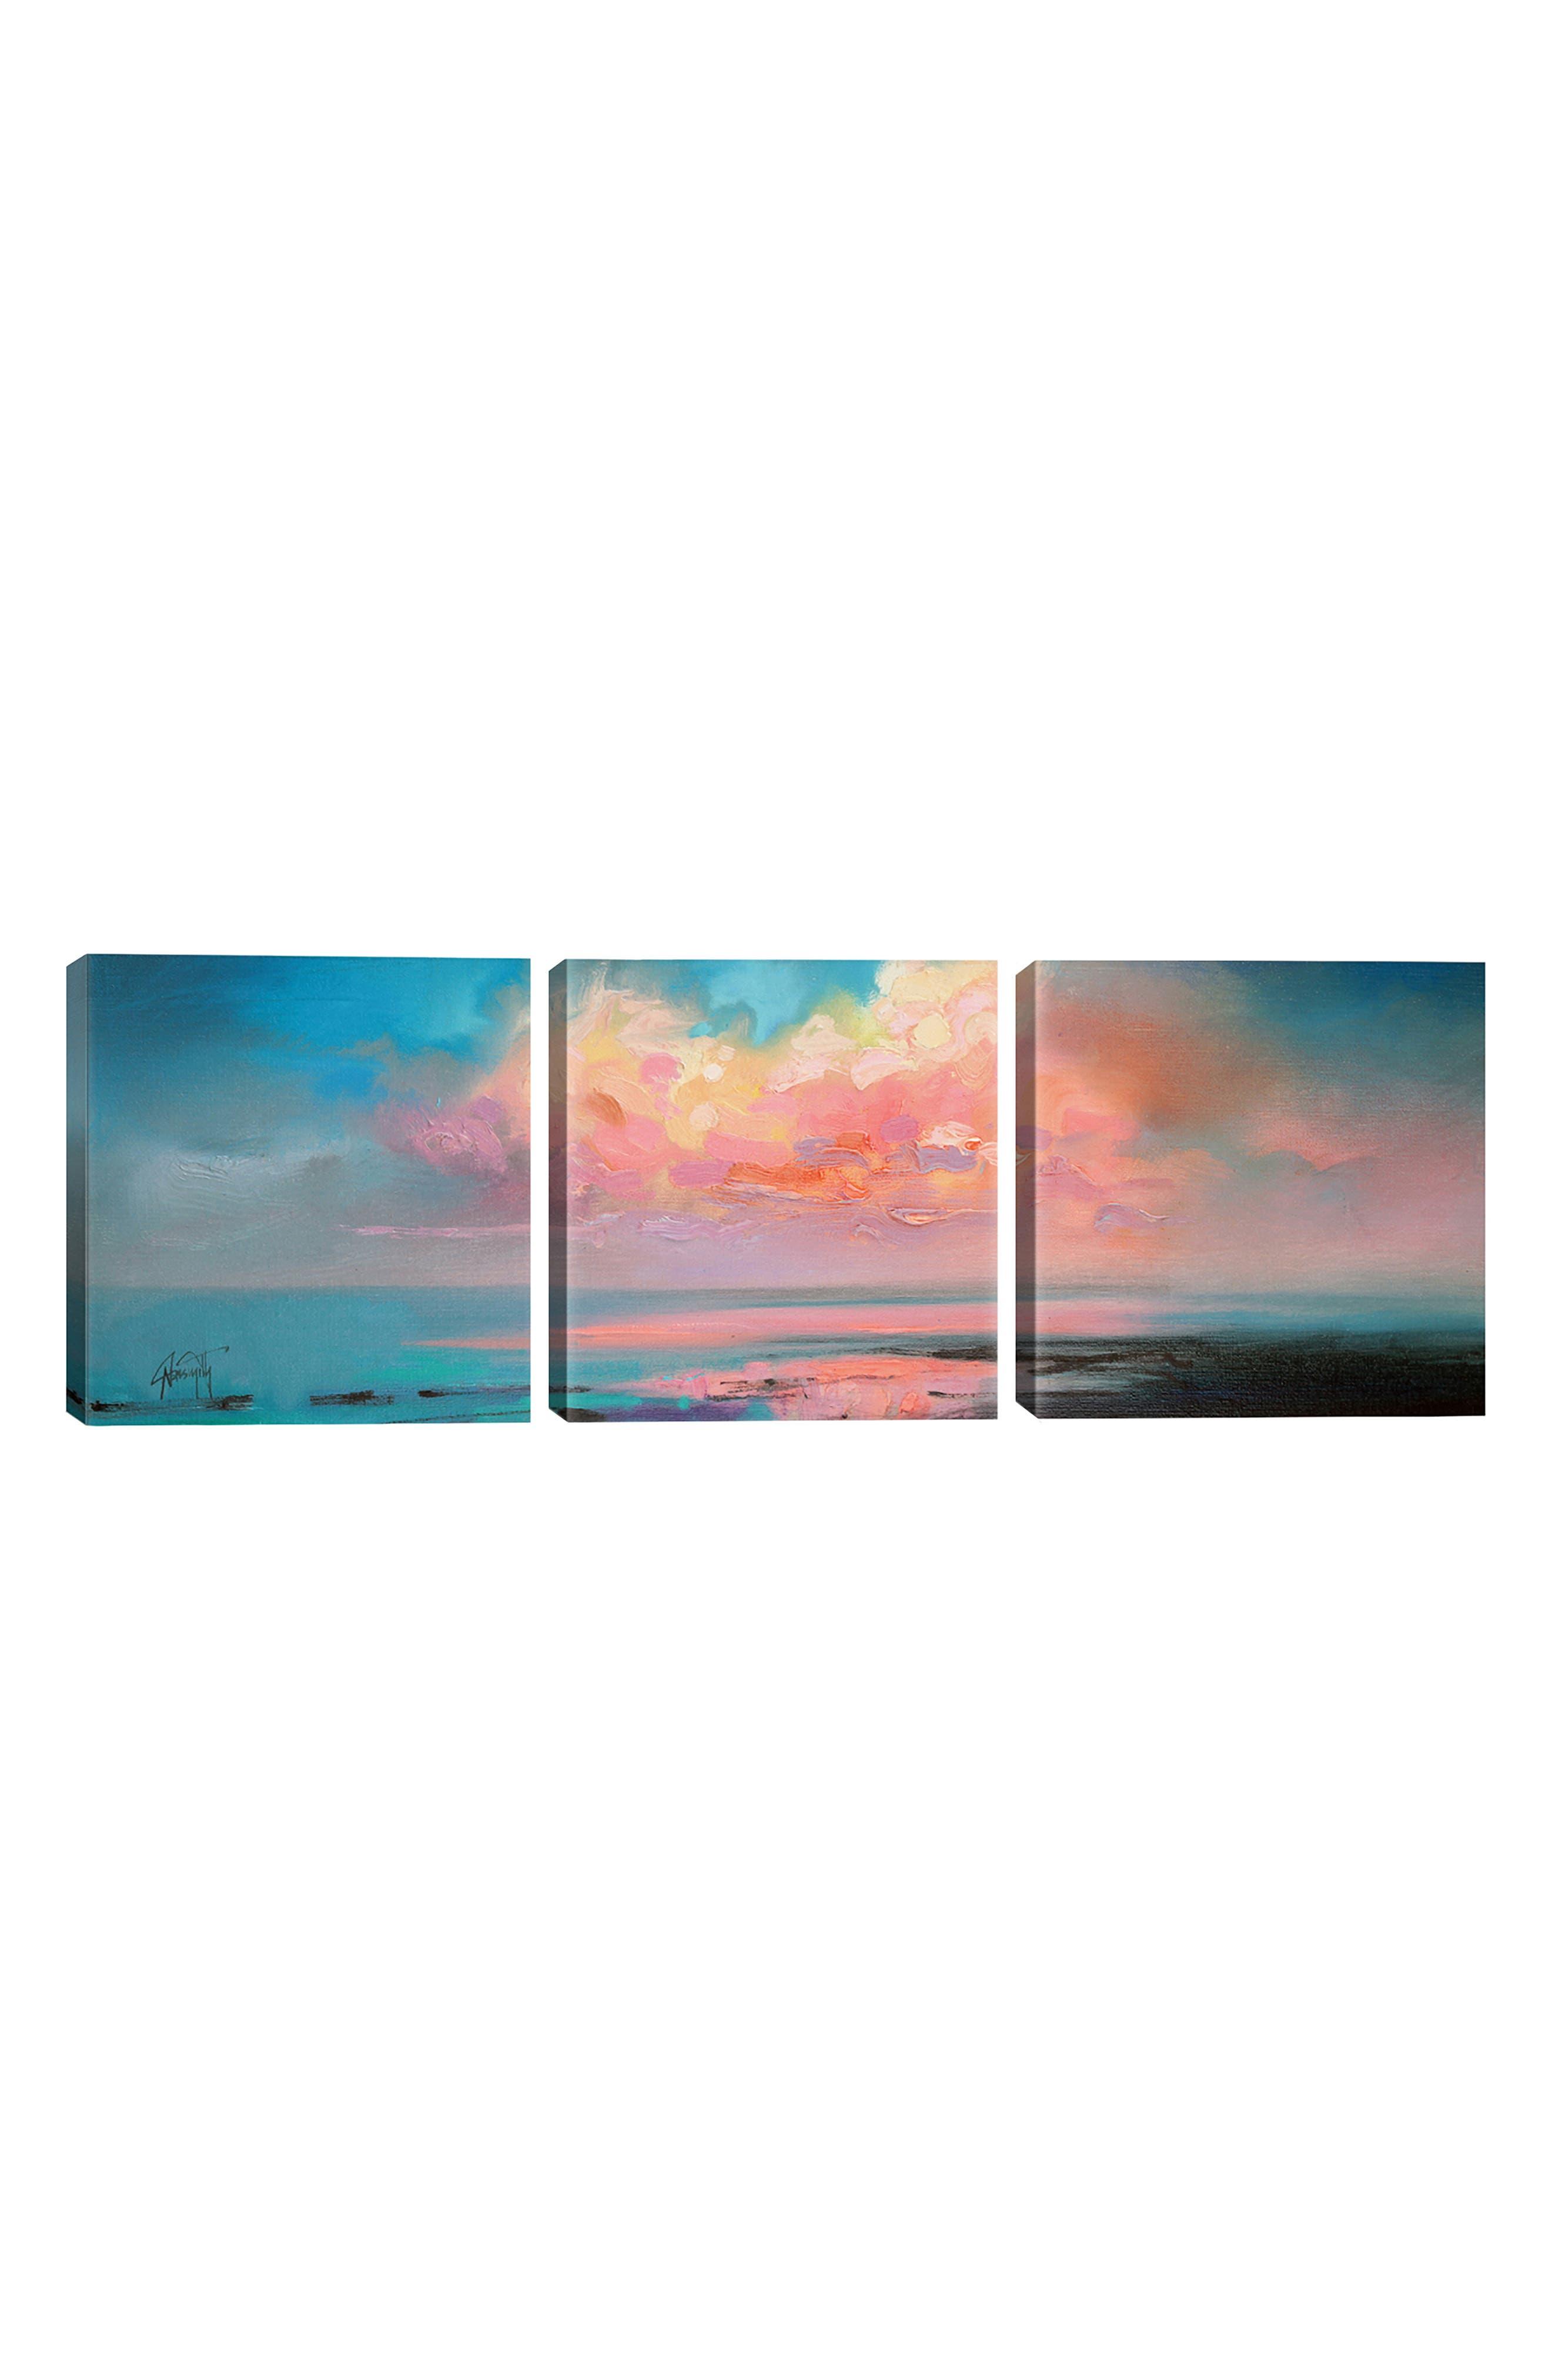 Atlantic Cumulus Giclée Print Canvas Triptych,                             Main thumbnail 1, color,                             BLUE